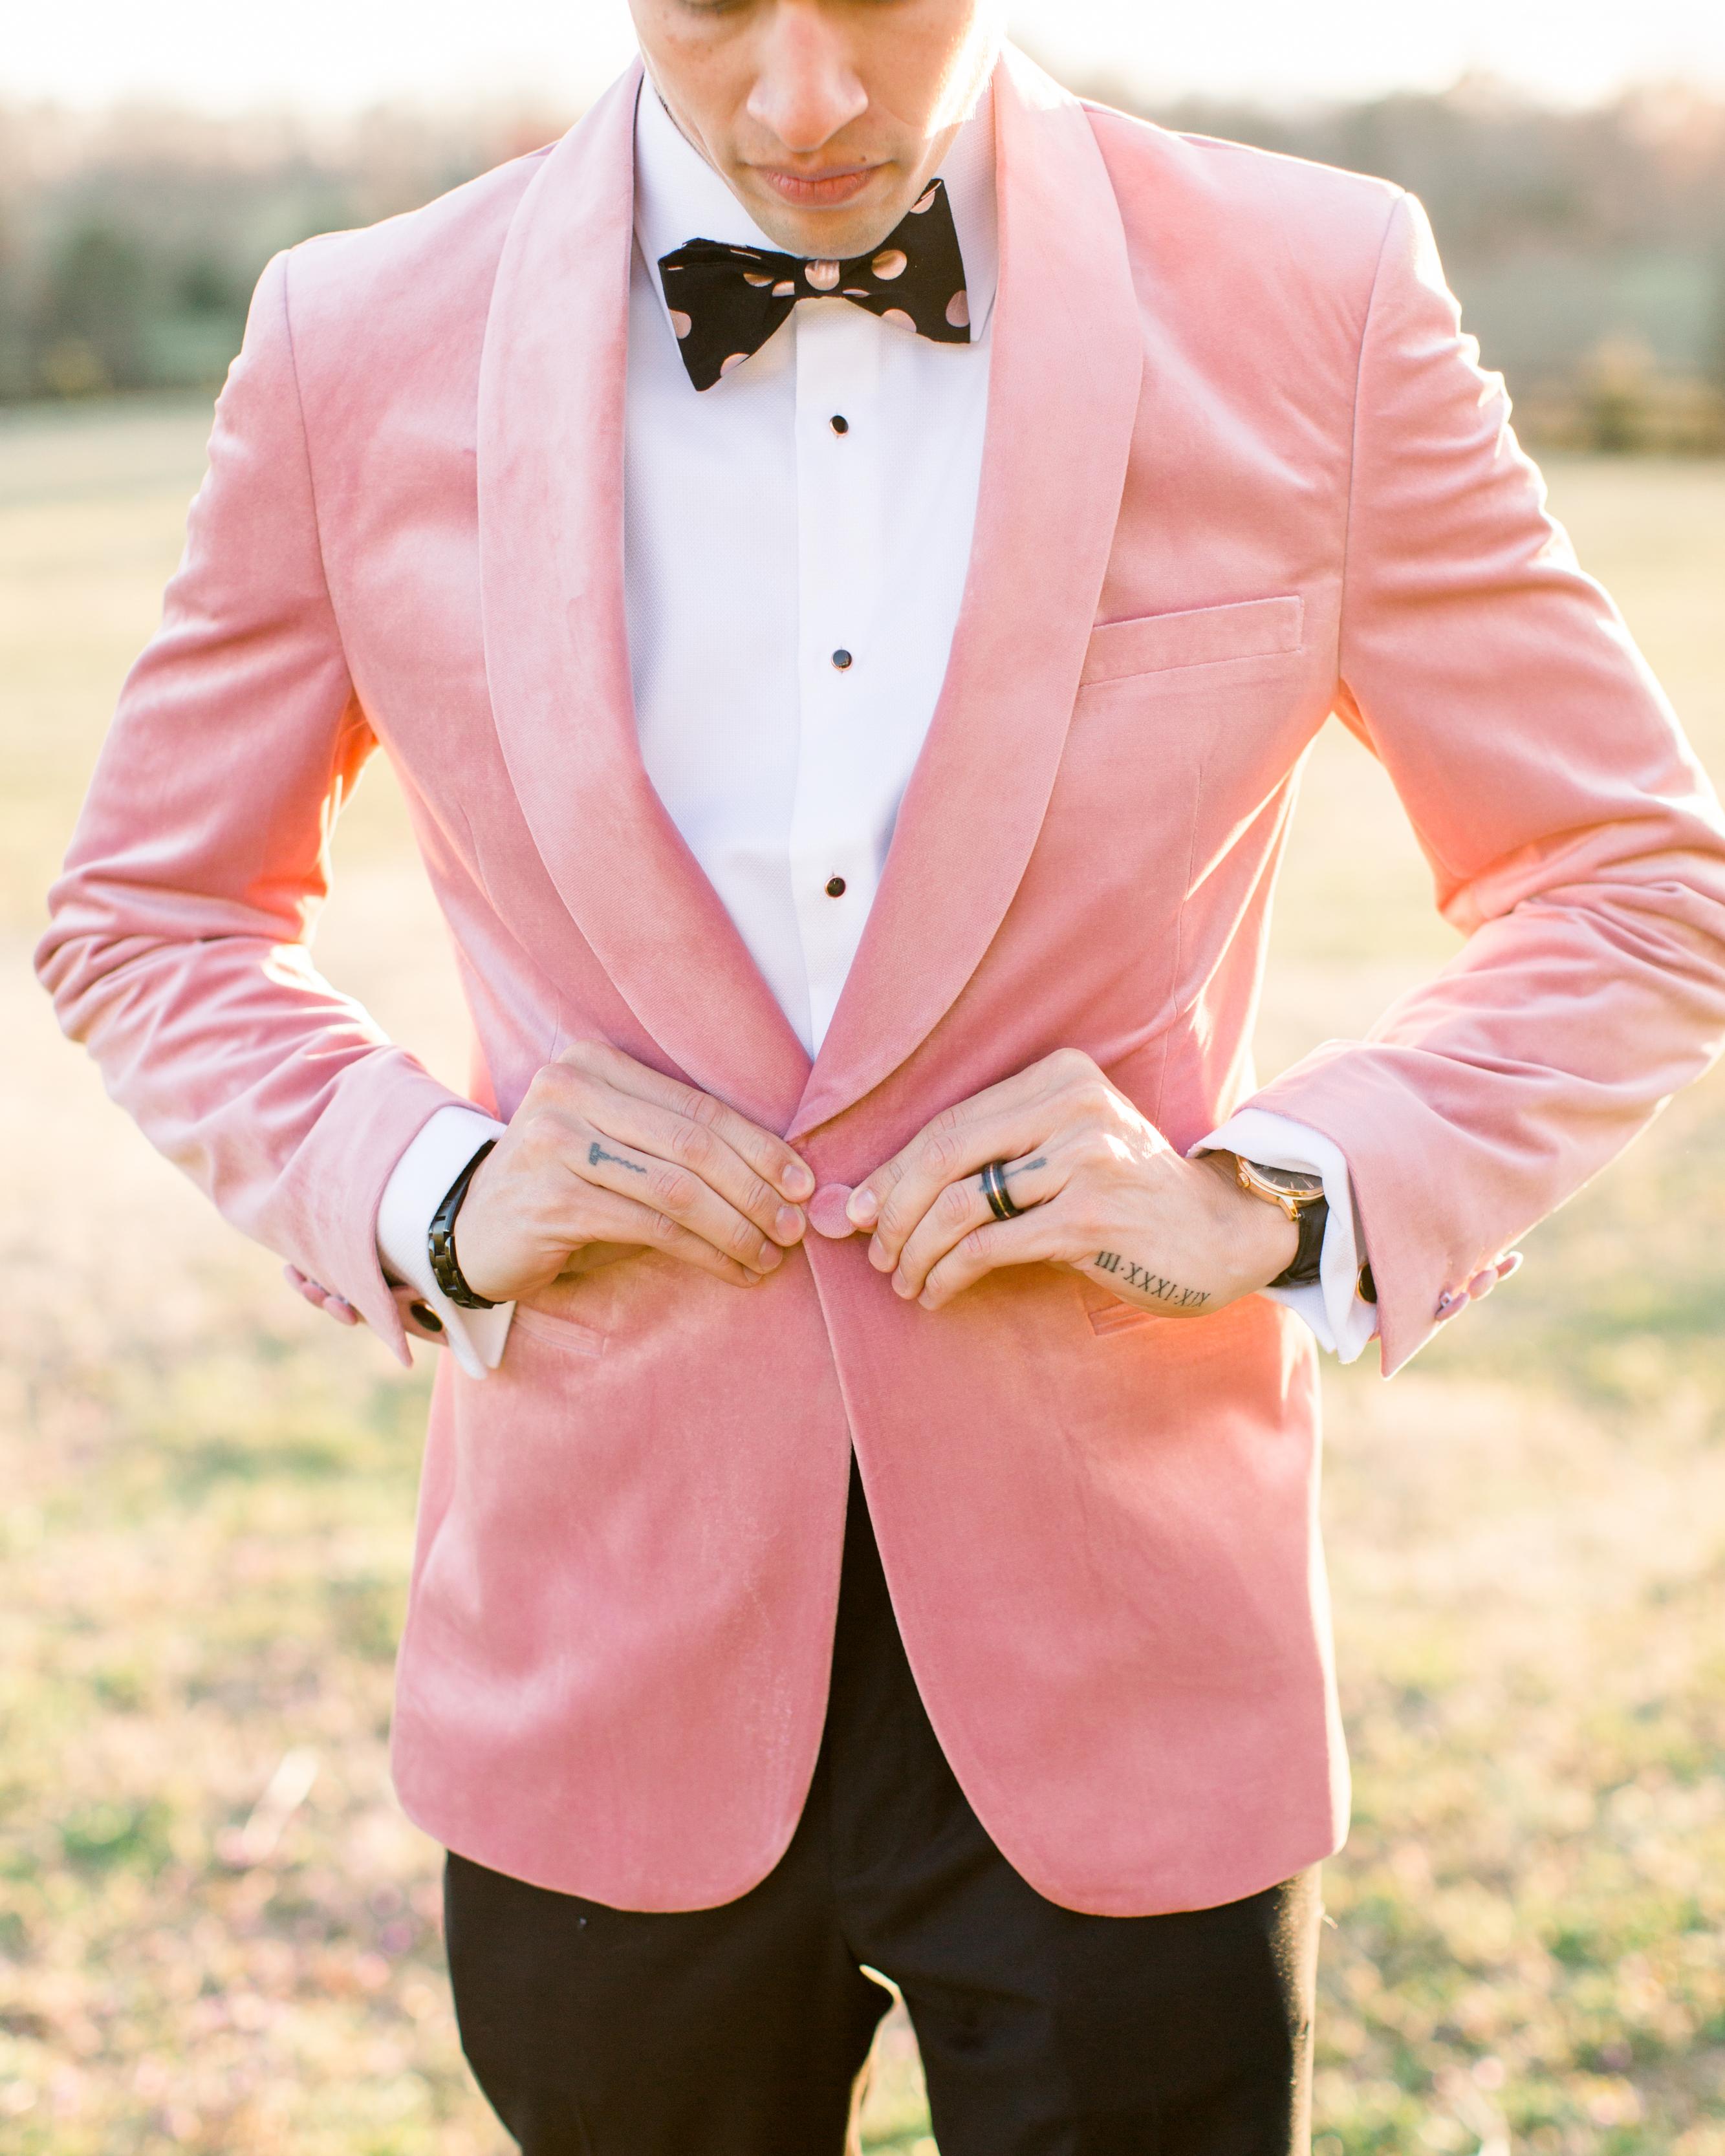 michelle nathan wedding groom wearing pink tuxedo jacket